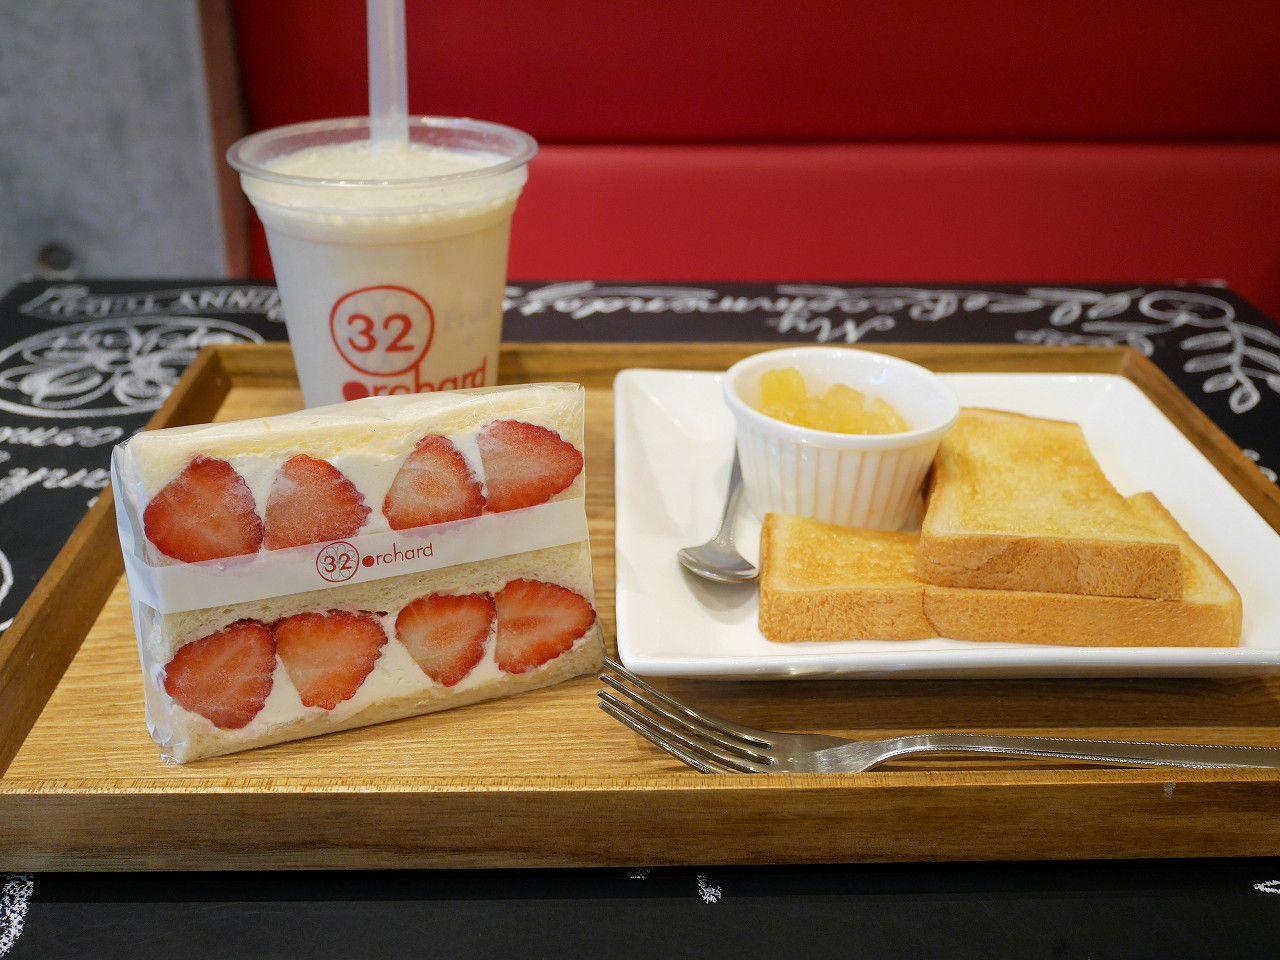 「モーニング」名古屋の朝は喫茶店で